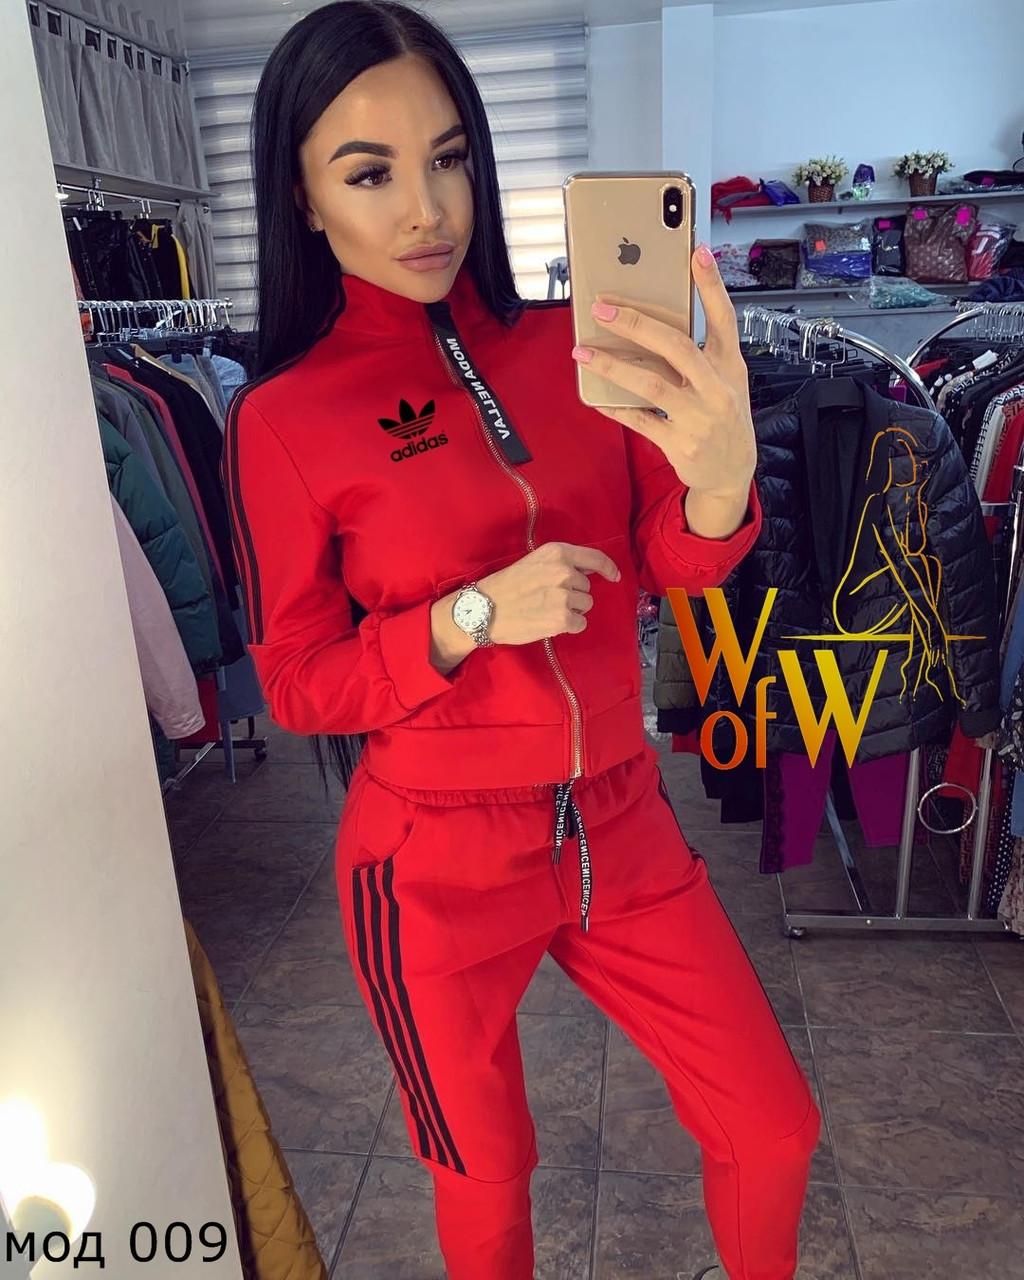 Спортивный костюм Адидас женский Красный, Электрик, Черный